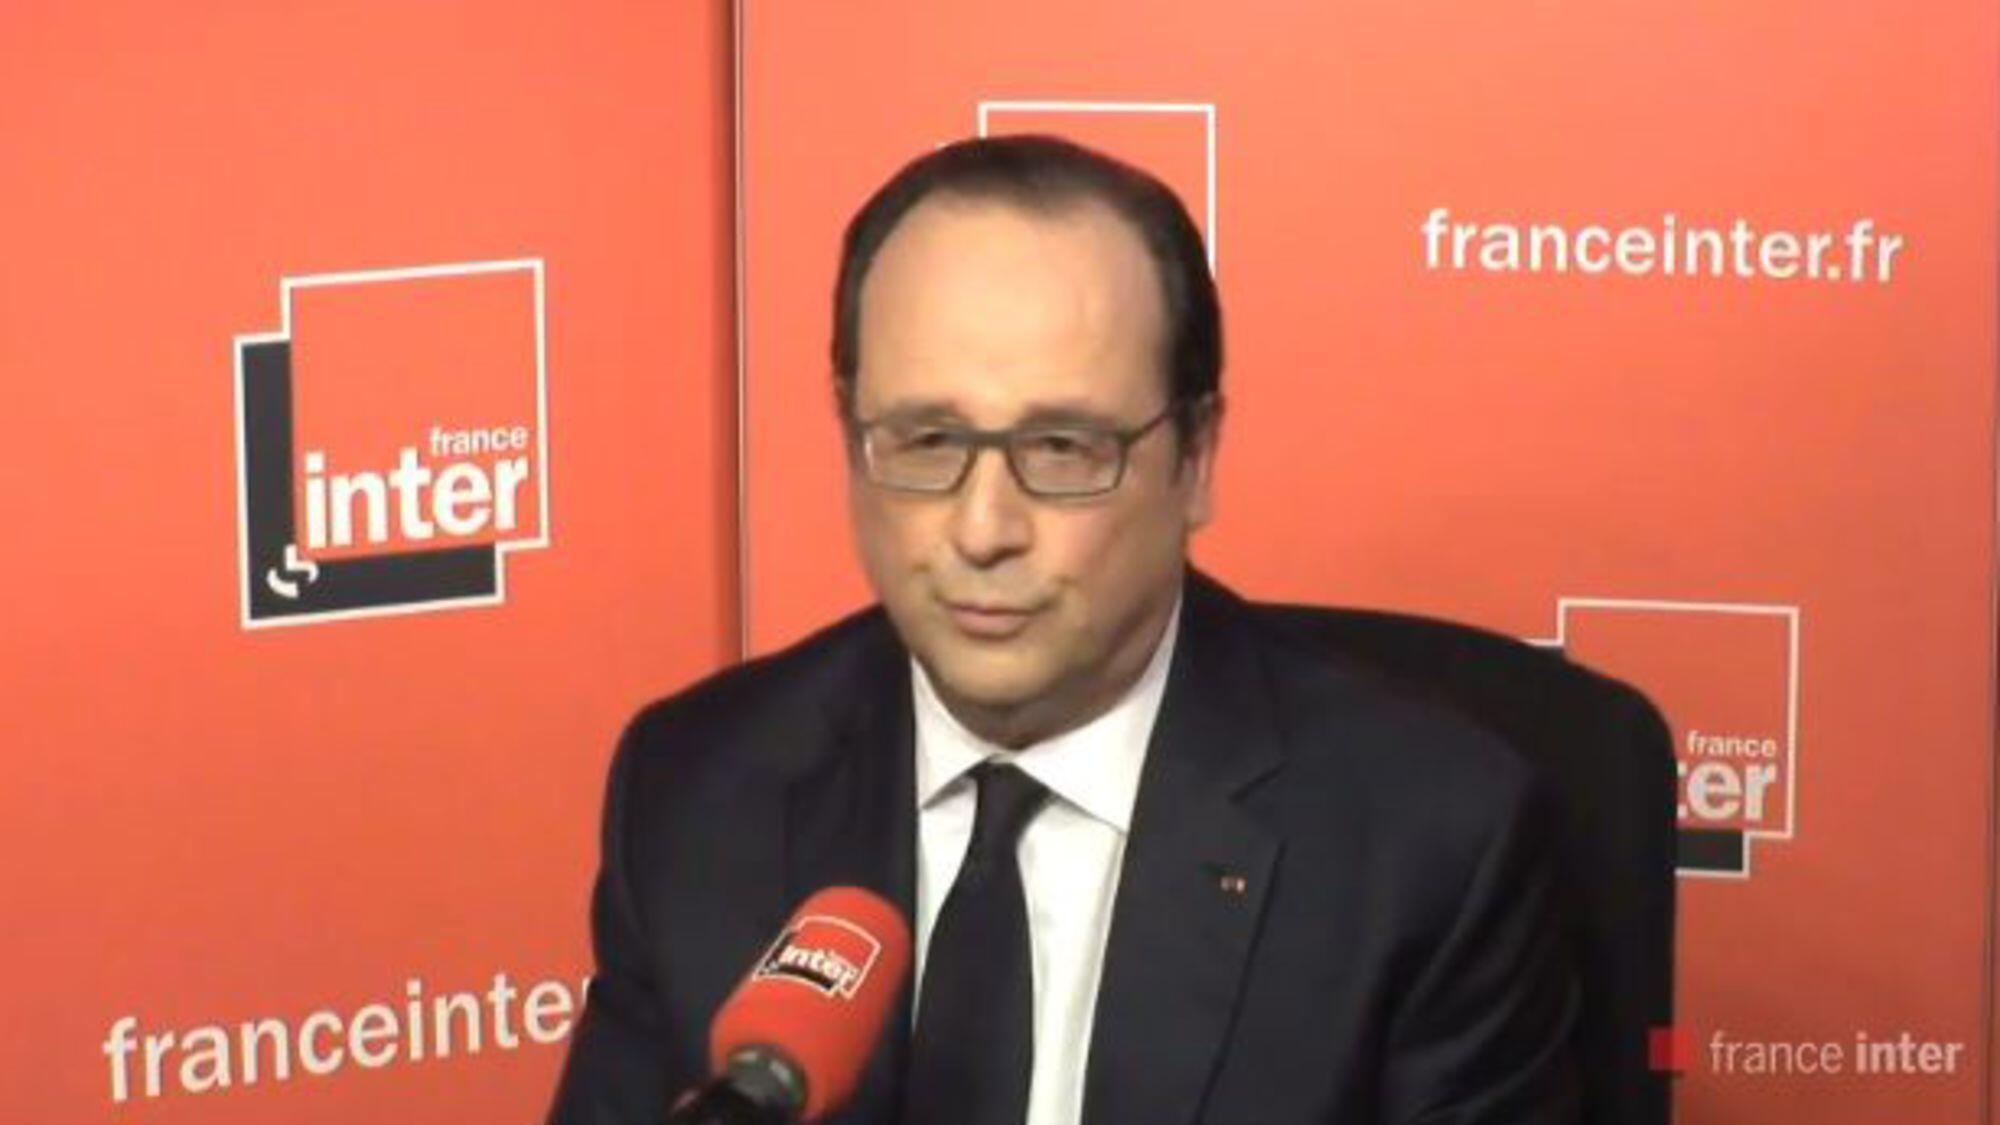 """فرانسوا هولاند، رئیس جمهوری فرانسه، در گفتگو باشبکه رادیویی """"فرانس انتر"""" در پاریس.  یکشنبه ۵ ژوئن ٢٠۱۶"""